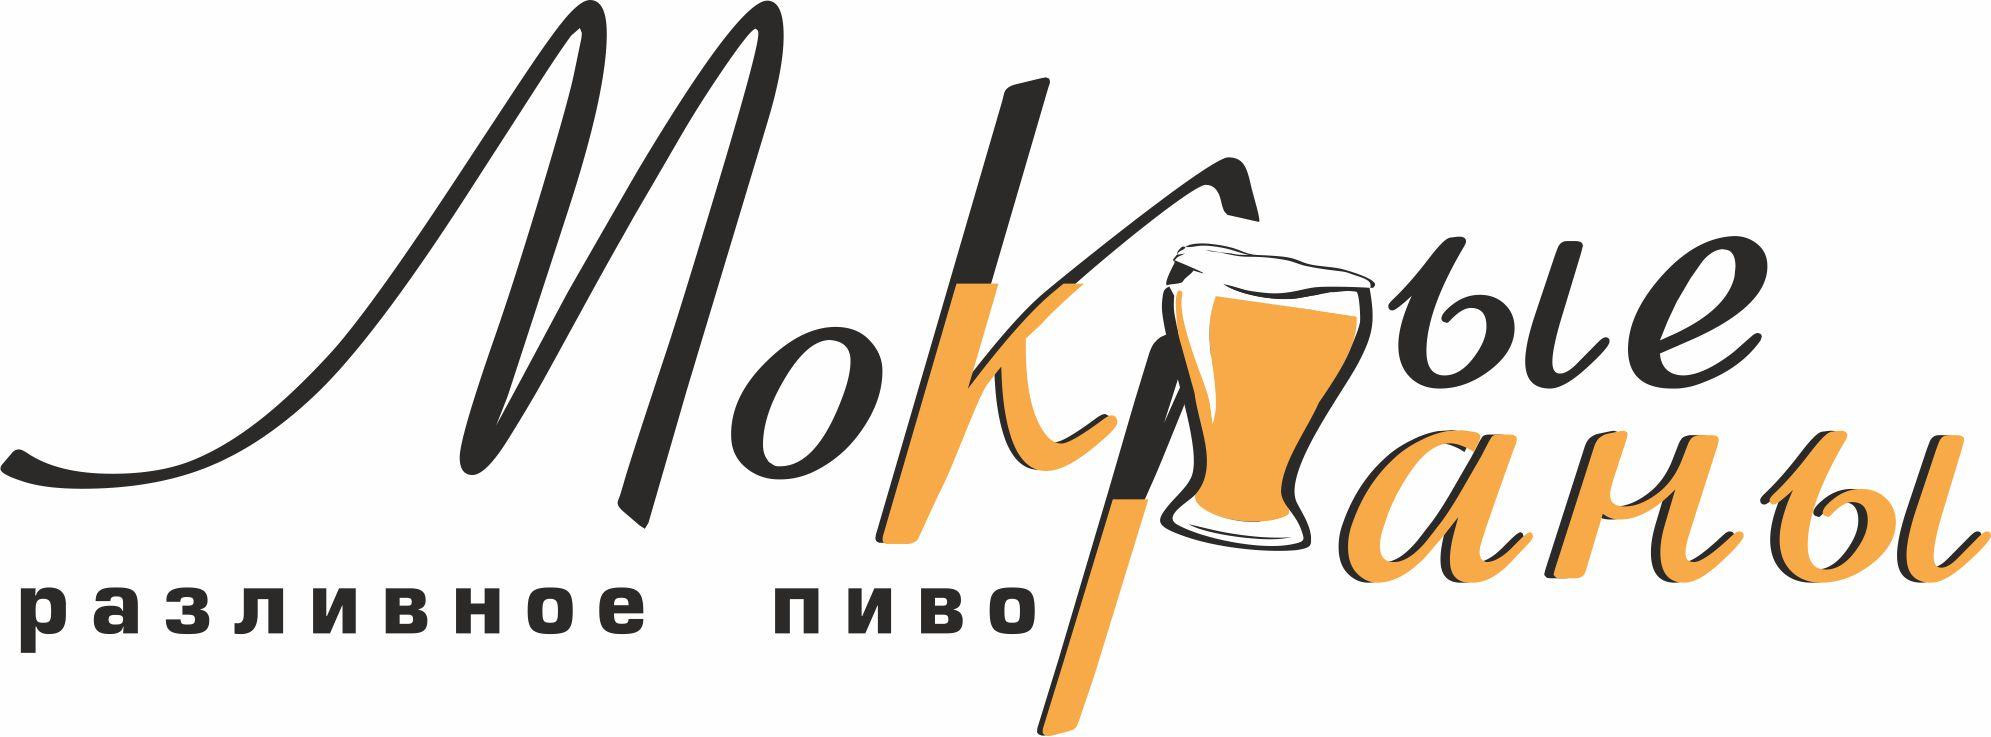 Вывеска/логотип для пивного магазина фото f_555602a872c05e36.jpg